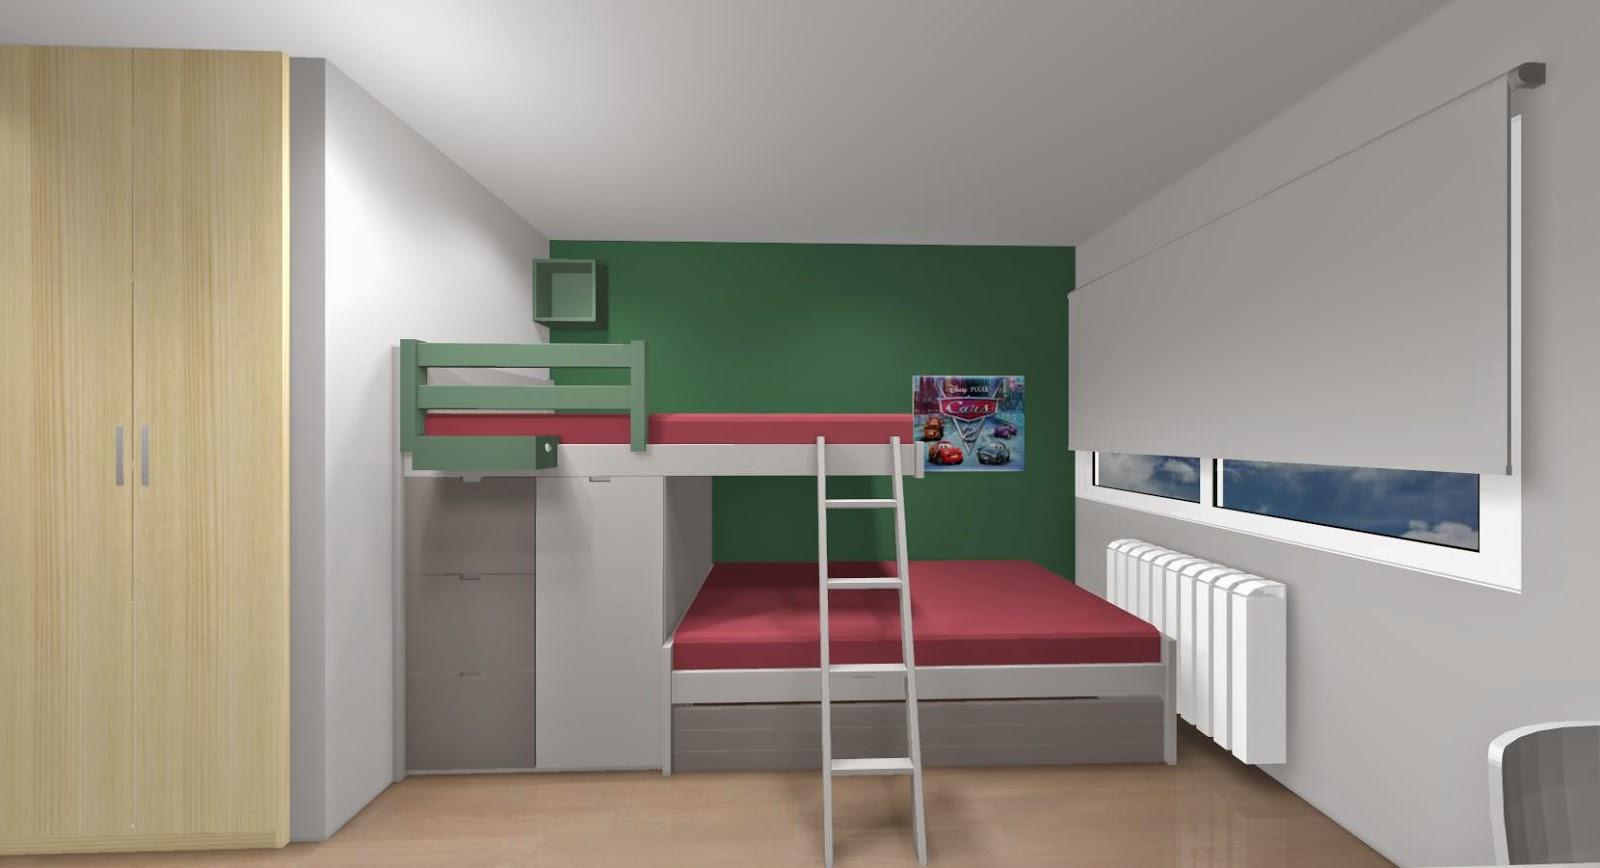 Las necesidades principales son for Distribucion habitacion juvenil